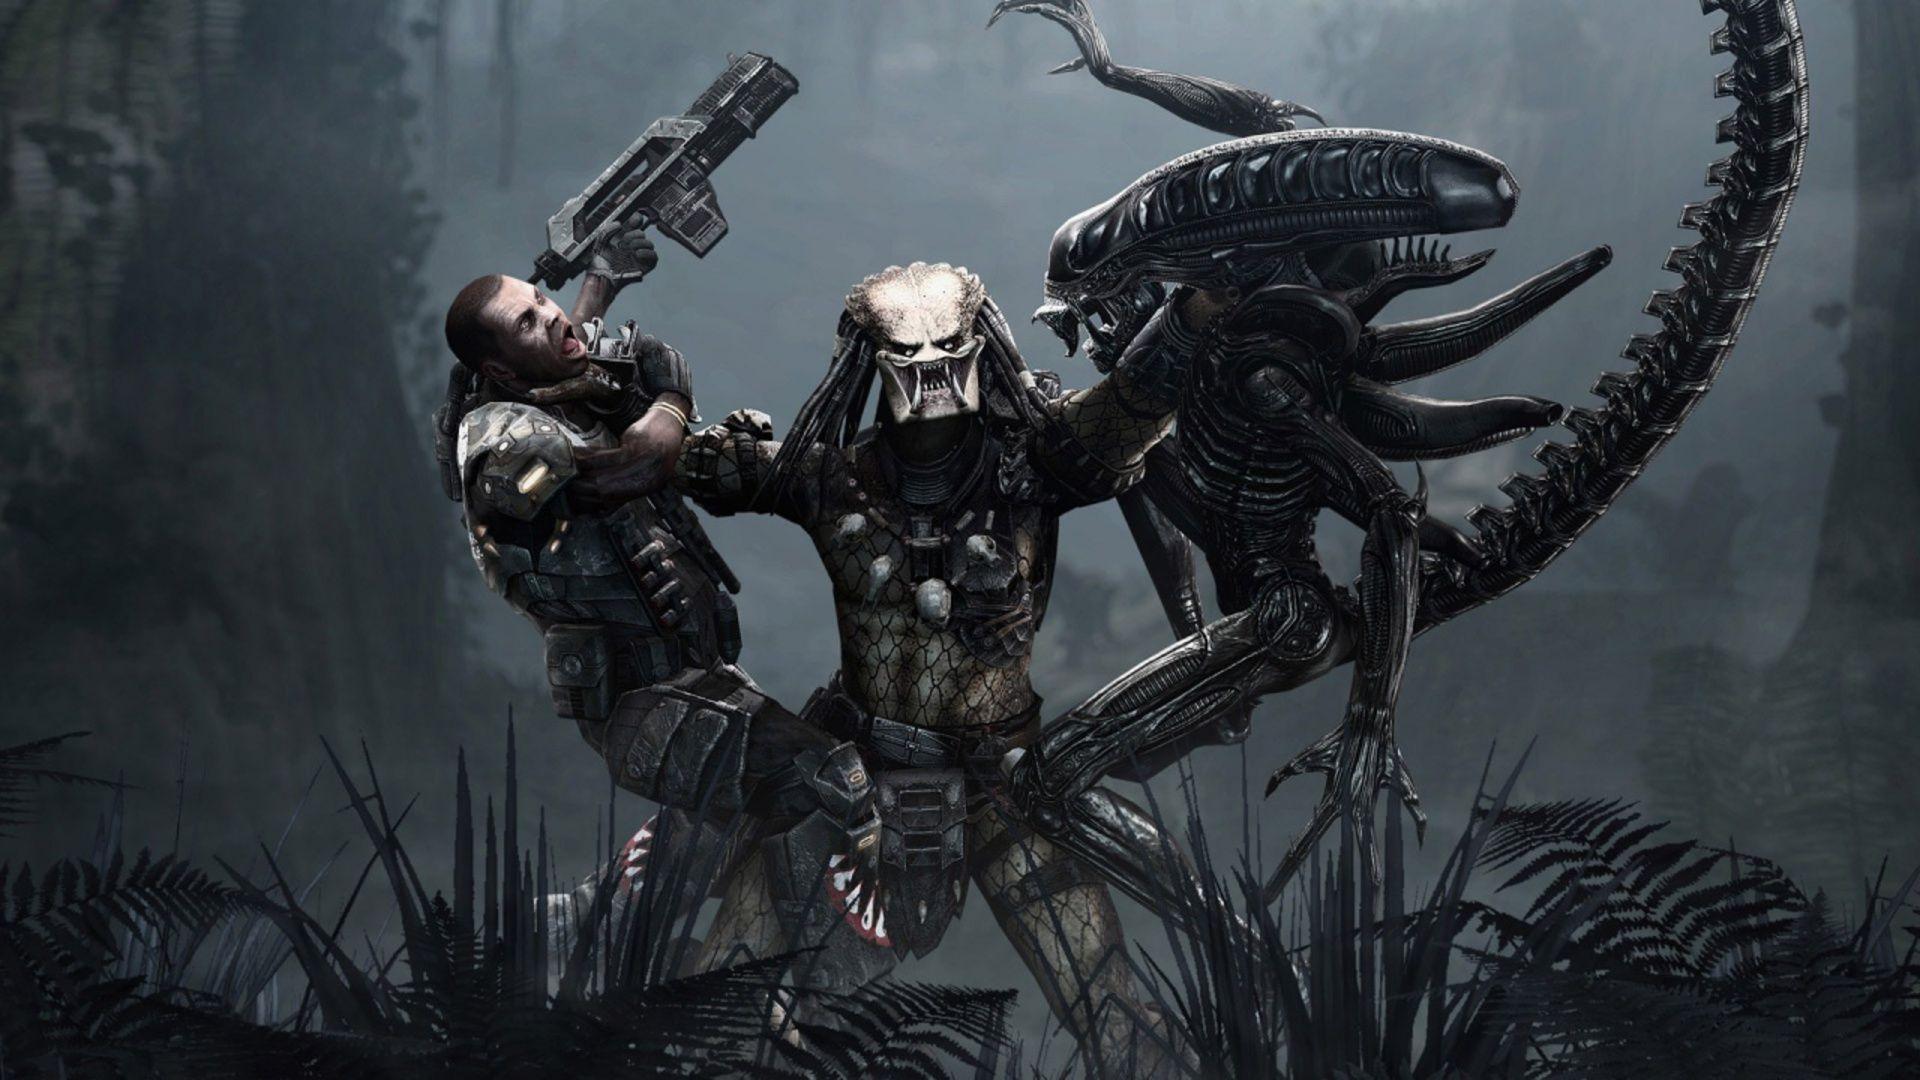 Picture Alien Vs. Predator